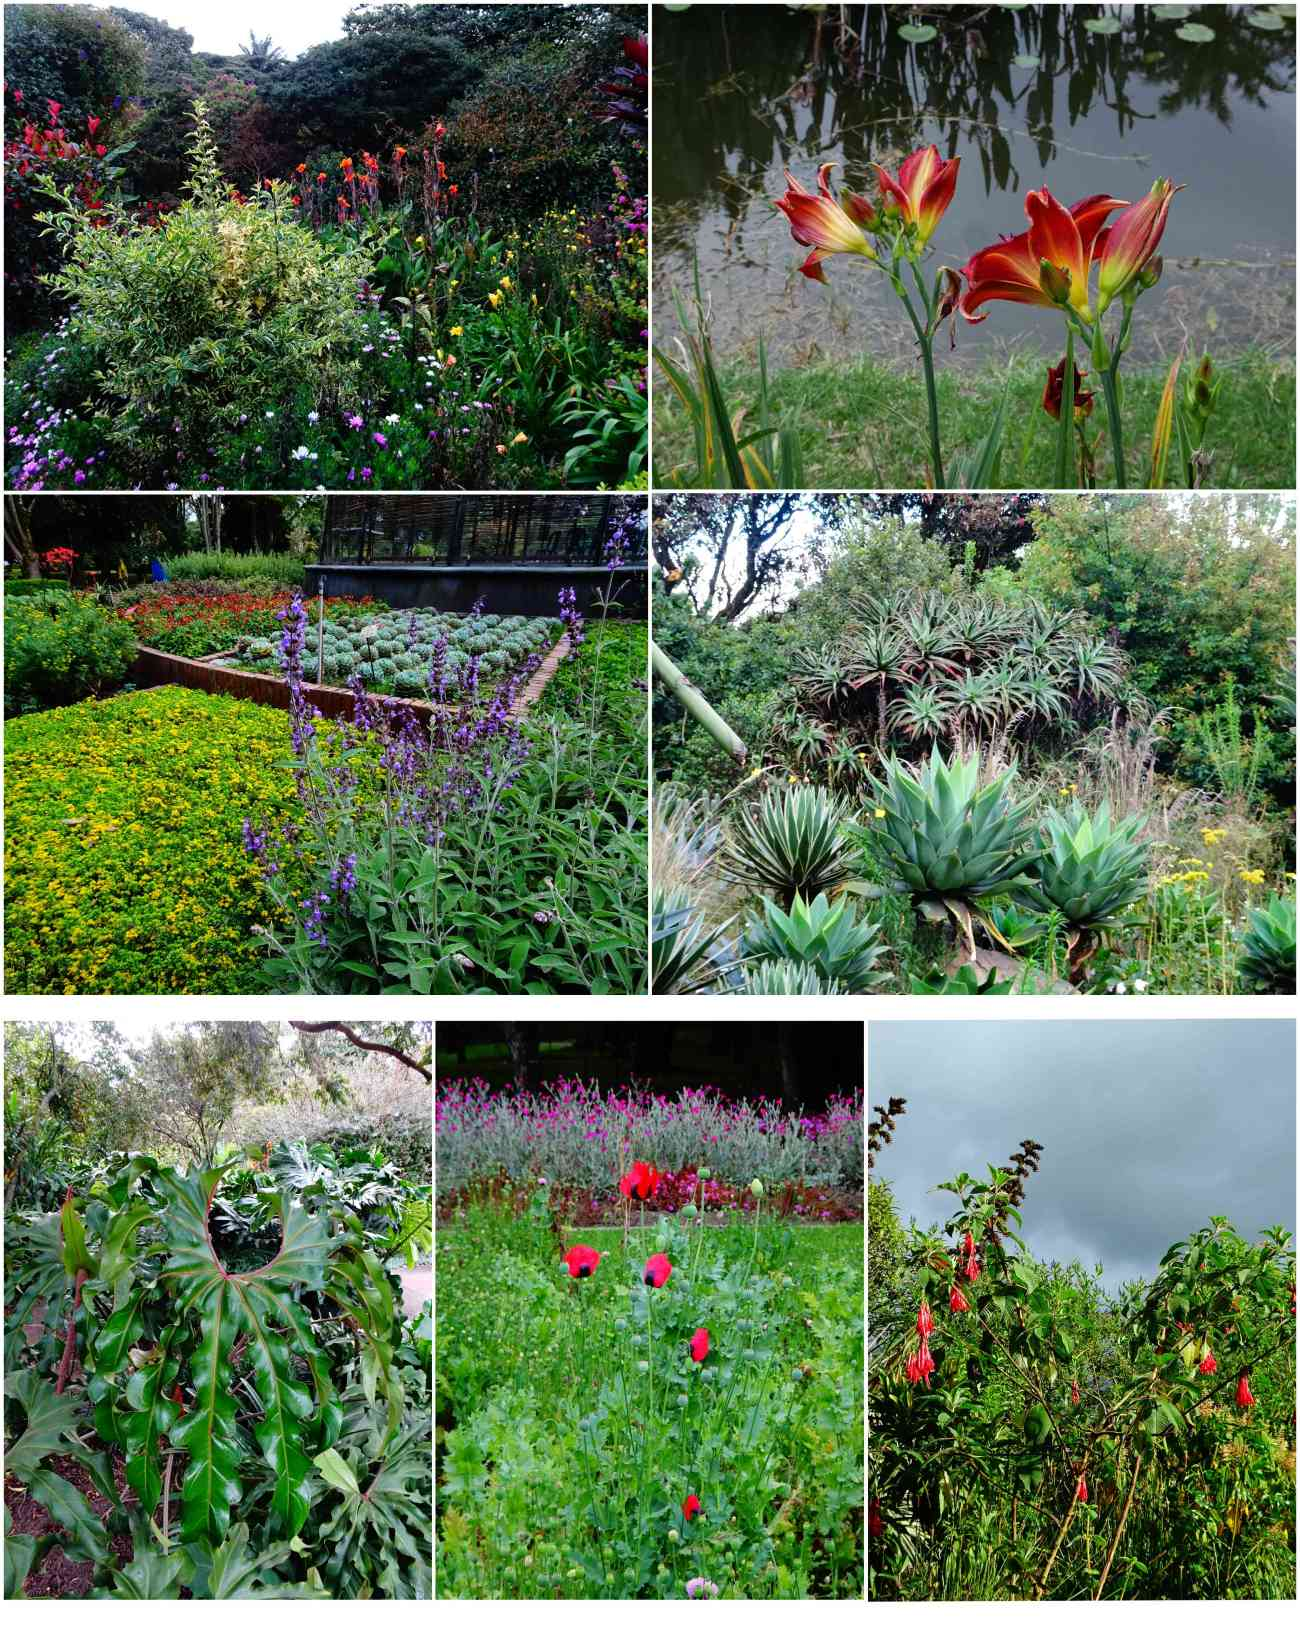 Bogota_jardinbotanico5